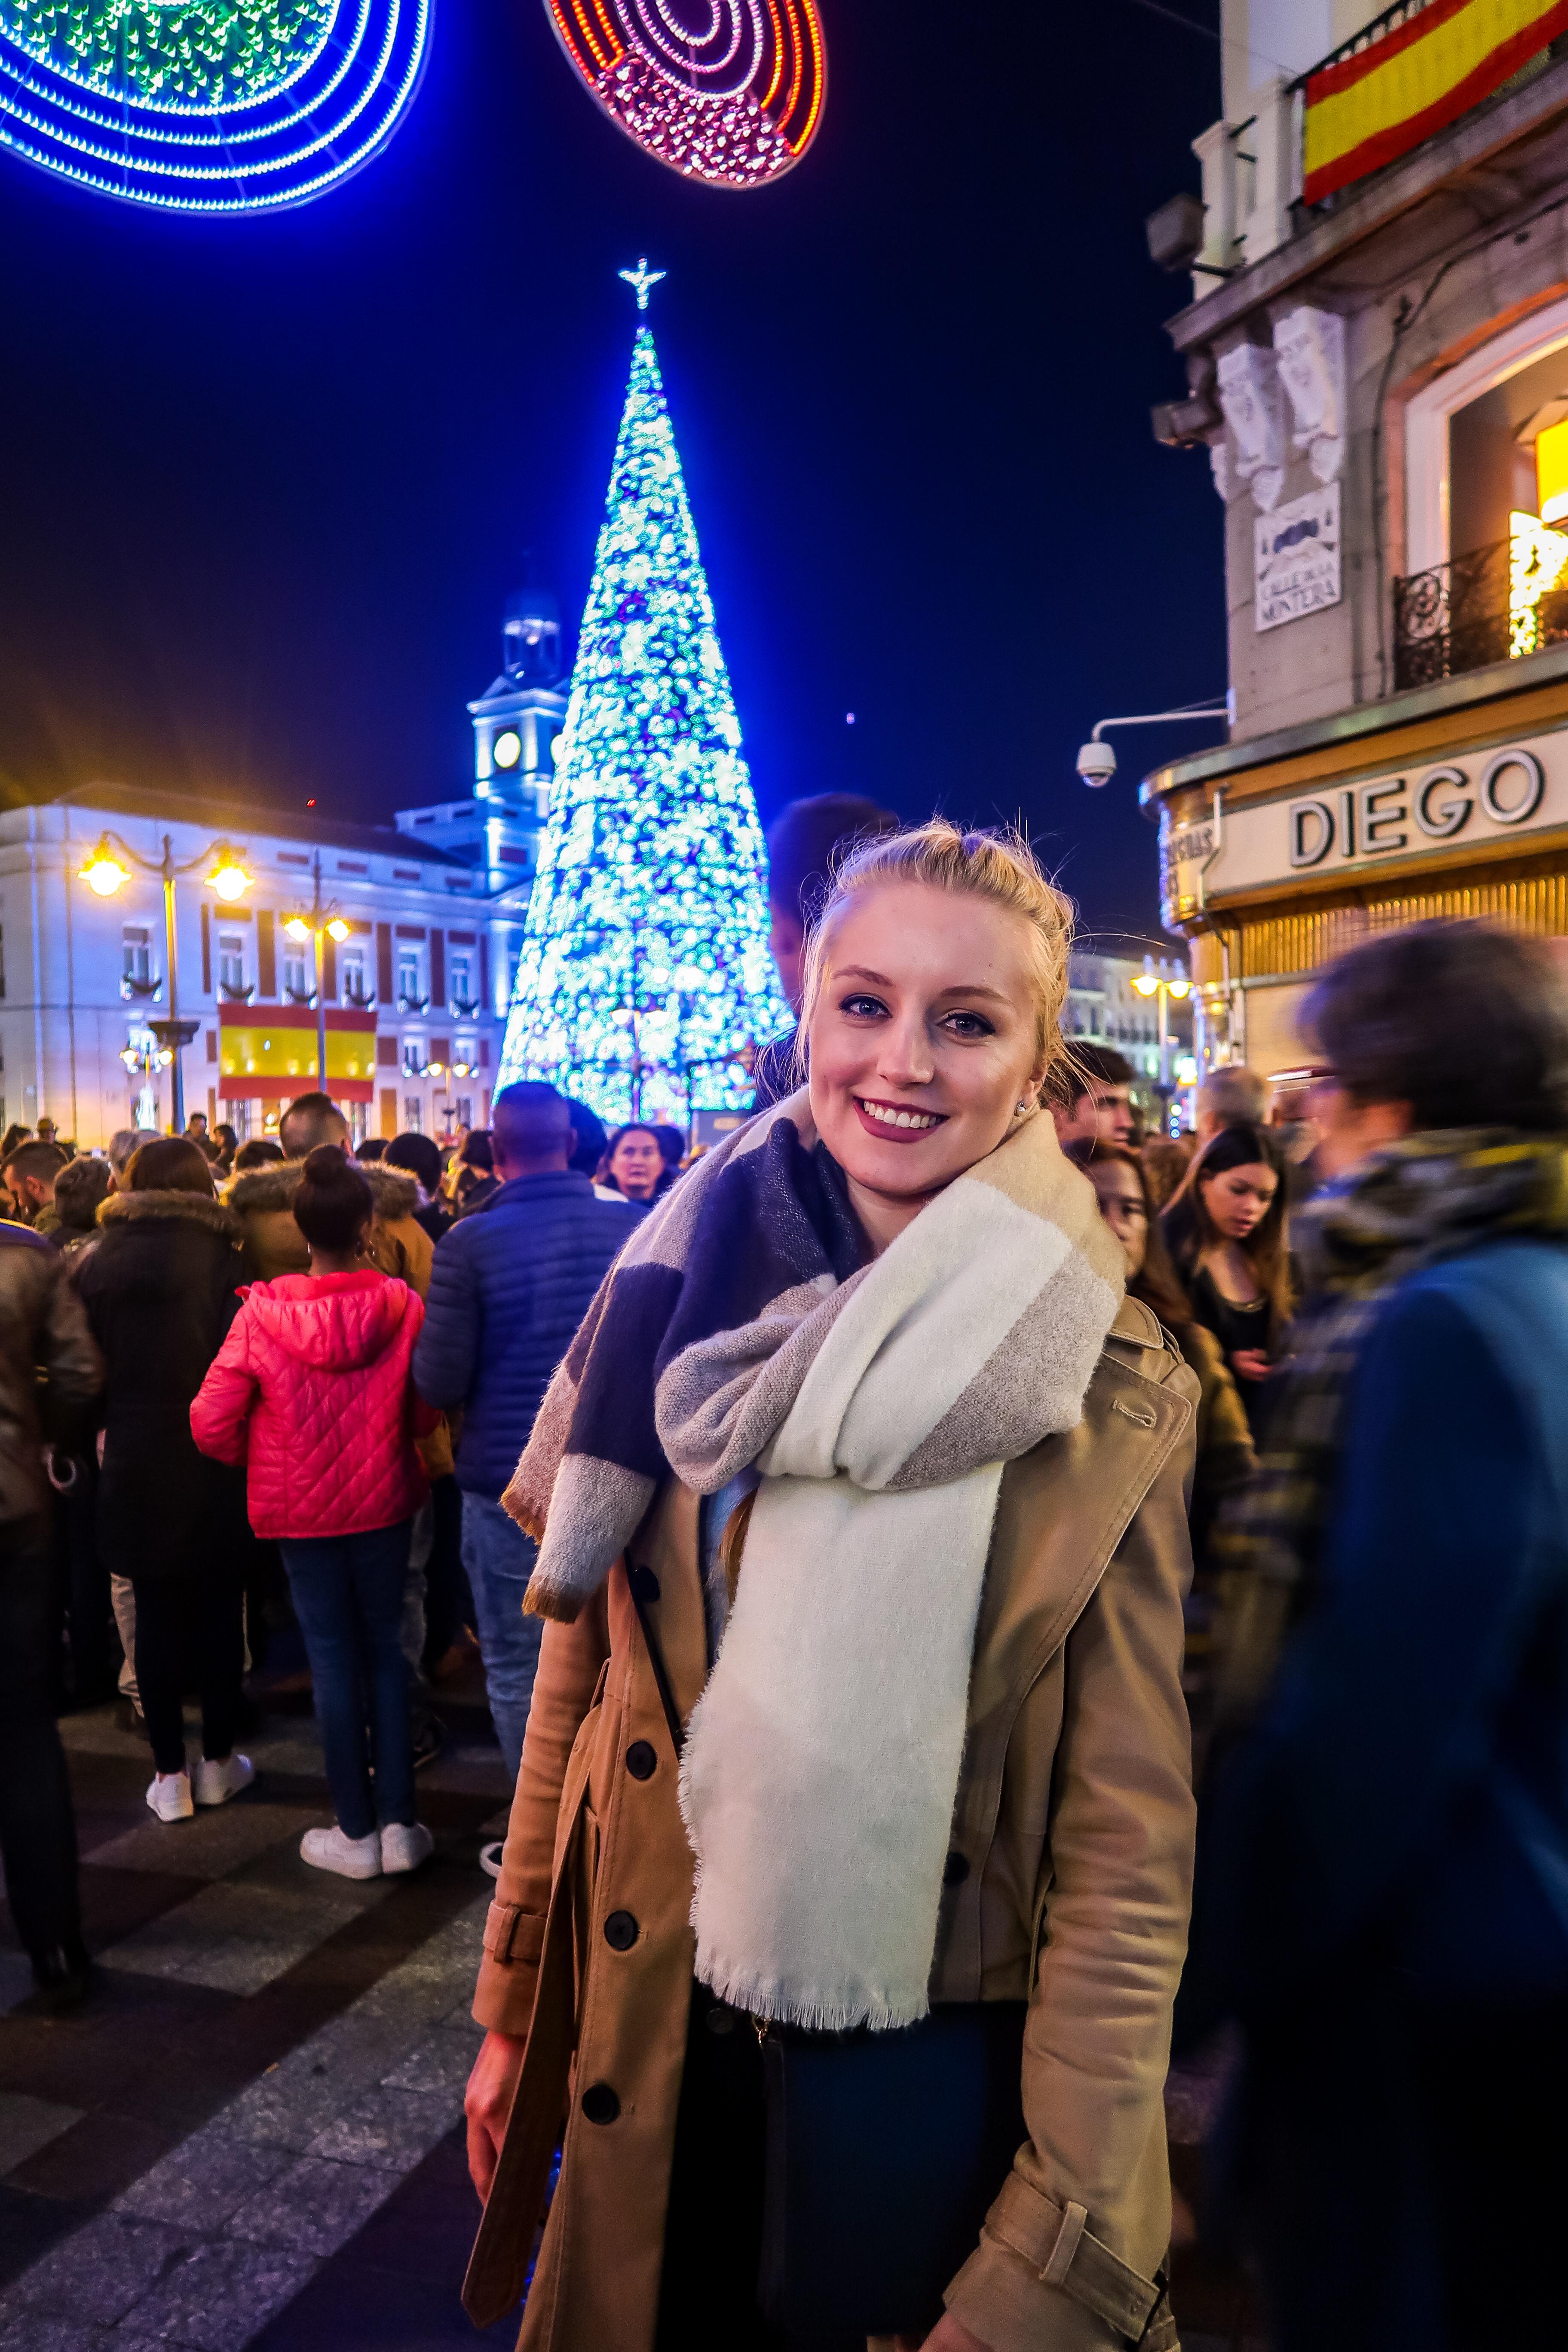 Auf dem Plaza del Sol in Madrid kannst du einen riesigen Weihnachtsbaum vorfinden.